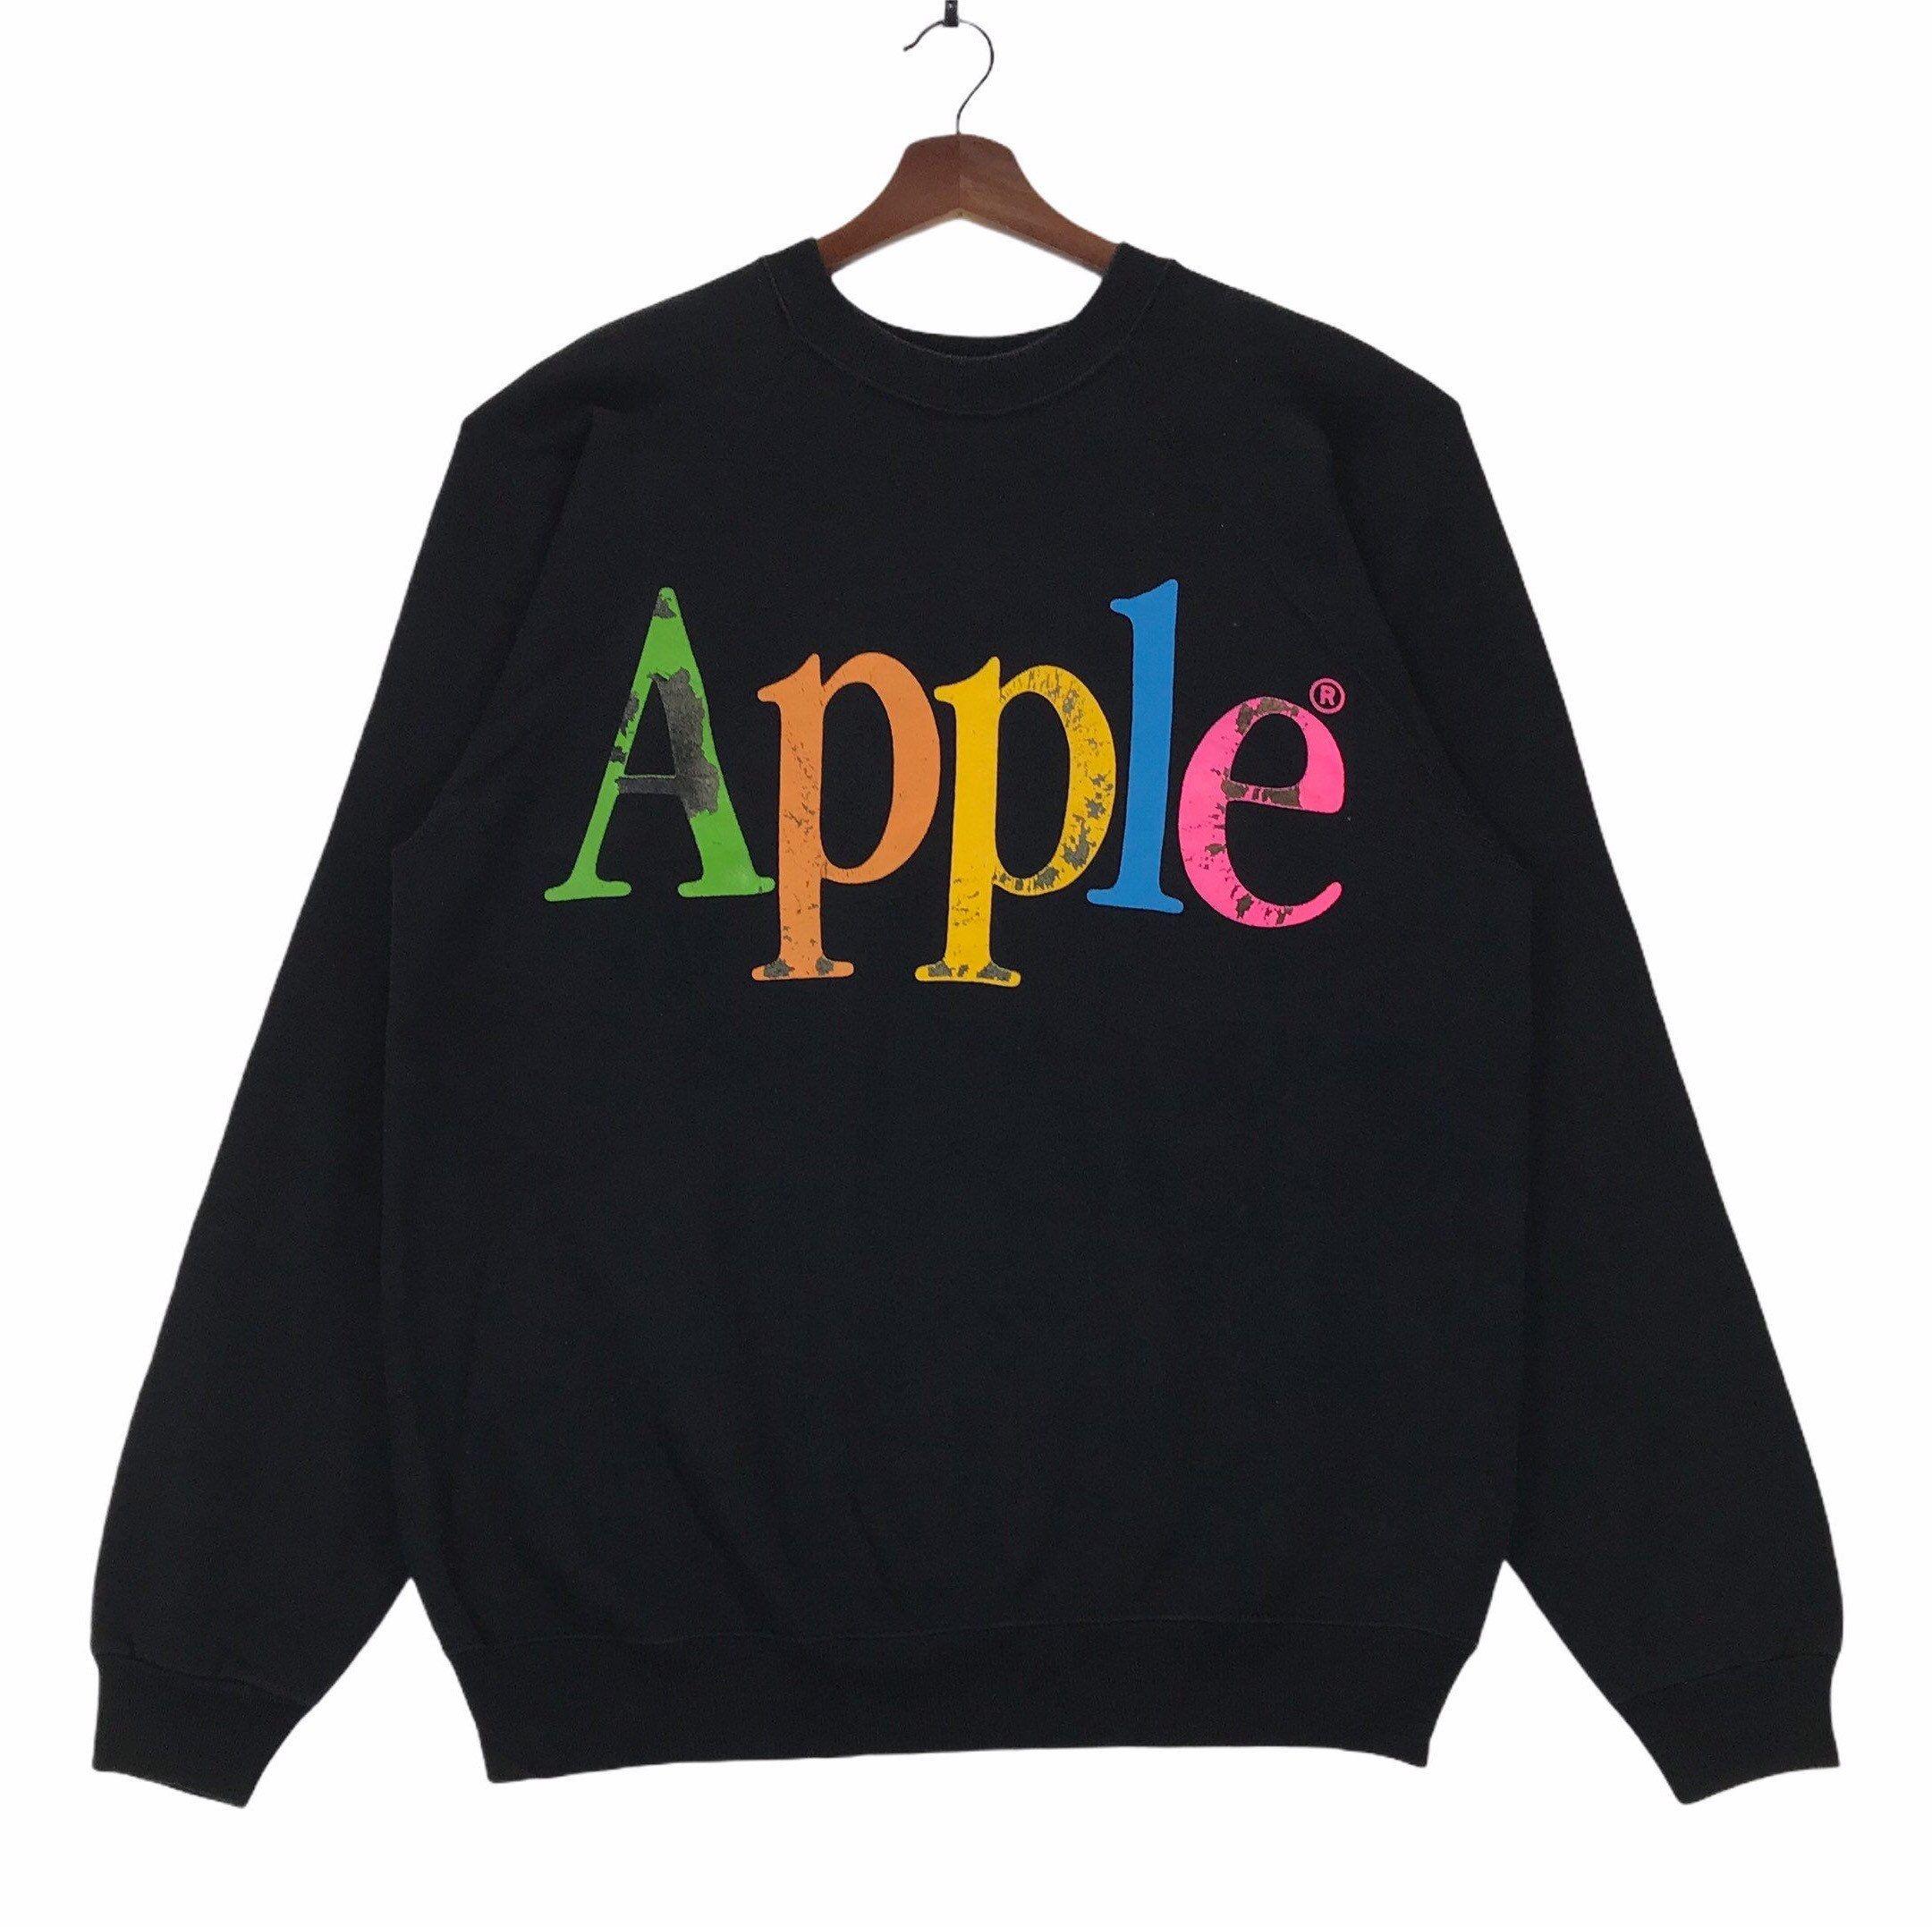 Rare Vintage 80s Apple Crewneck Sweatshirt Spellout Apple Multicolour Xlarge Size Vintage Sweatshirt By Clock Sweatshirts Vintage Sweatshirt Vintage Hoodies [ 2154 x 2160 Pixel ]